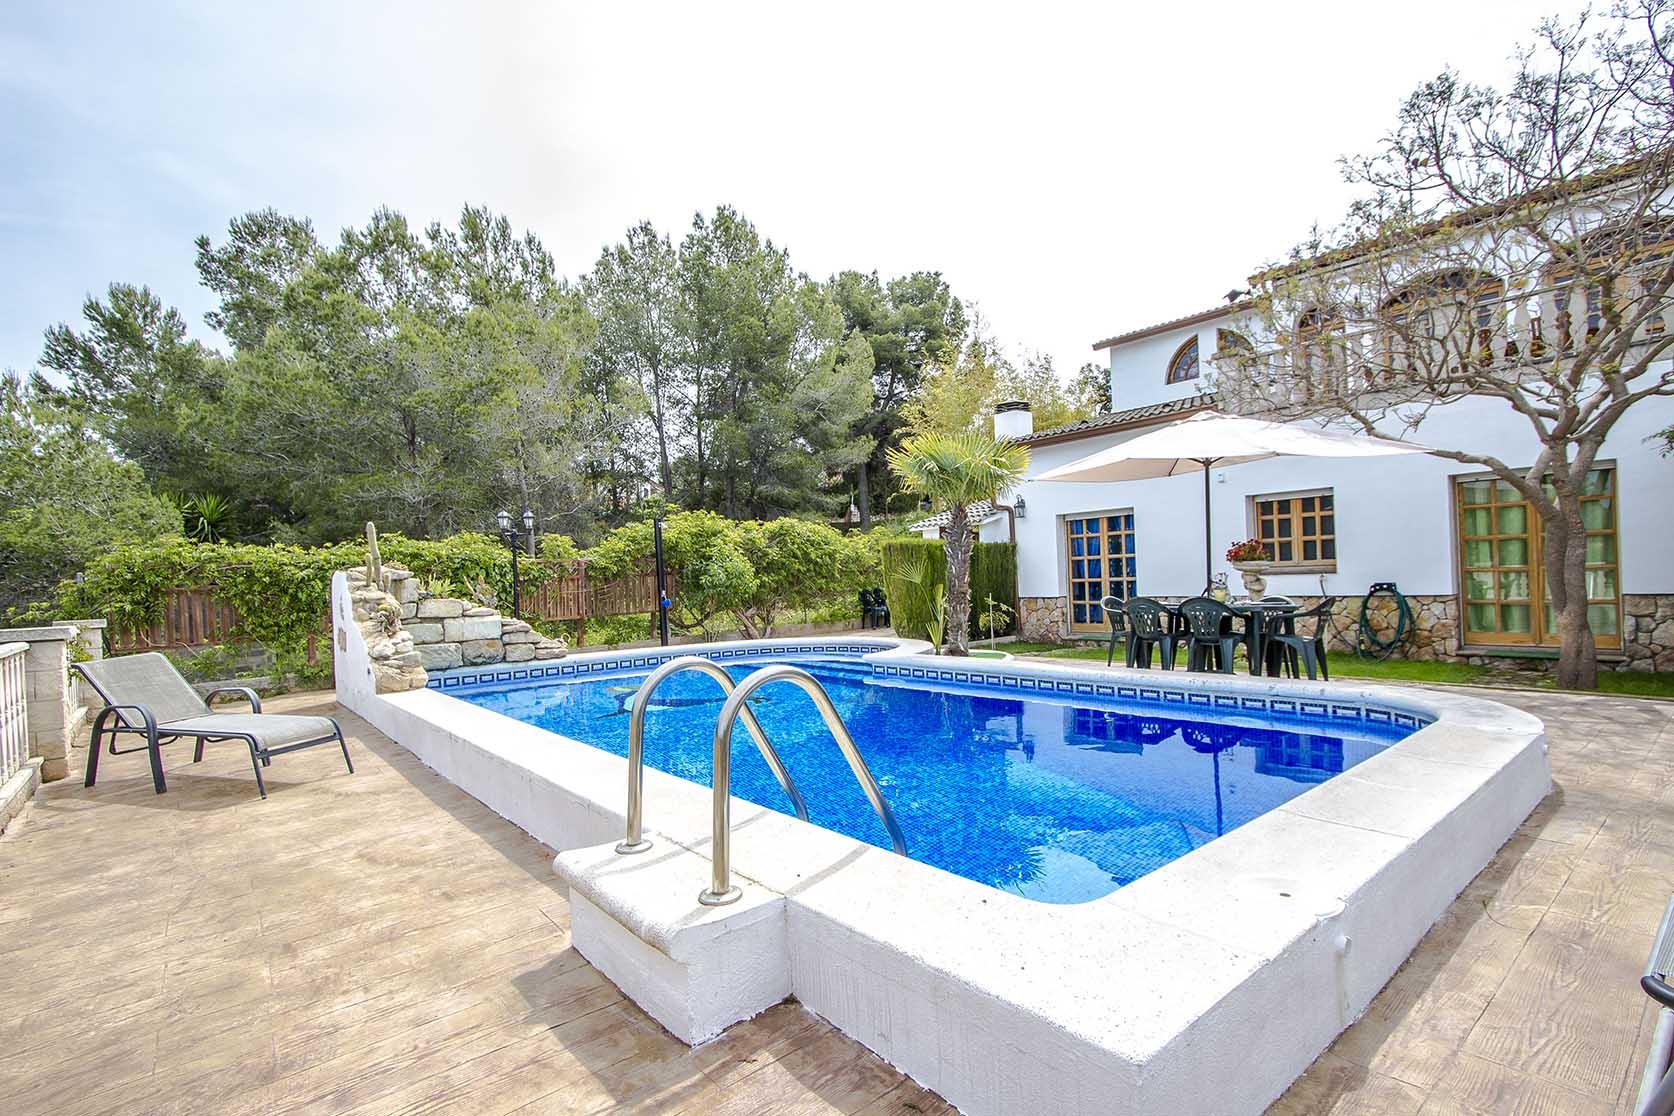 Ferienhaus Catalunya Casas: Lovely villa in Castellet, only 10 min to Costa Dorada beaches! (1890850), Castellet i la Gornal, Costa del Garraf, Katalonien, Spanien, Bild 6